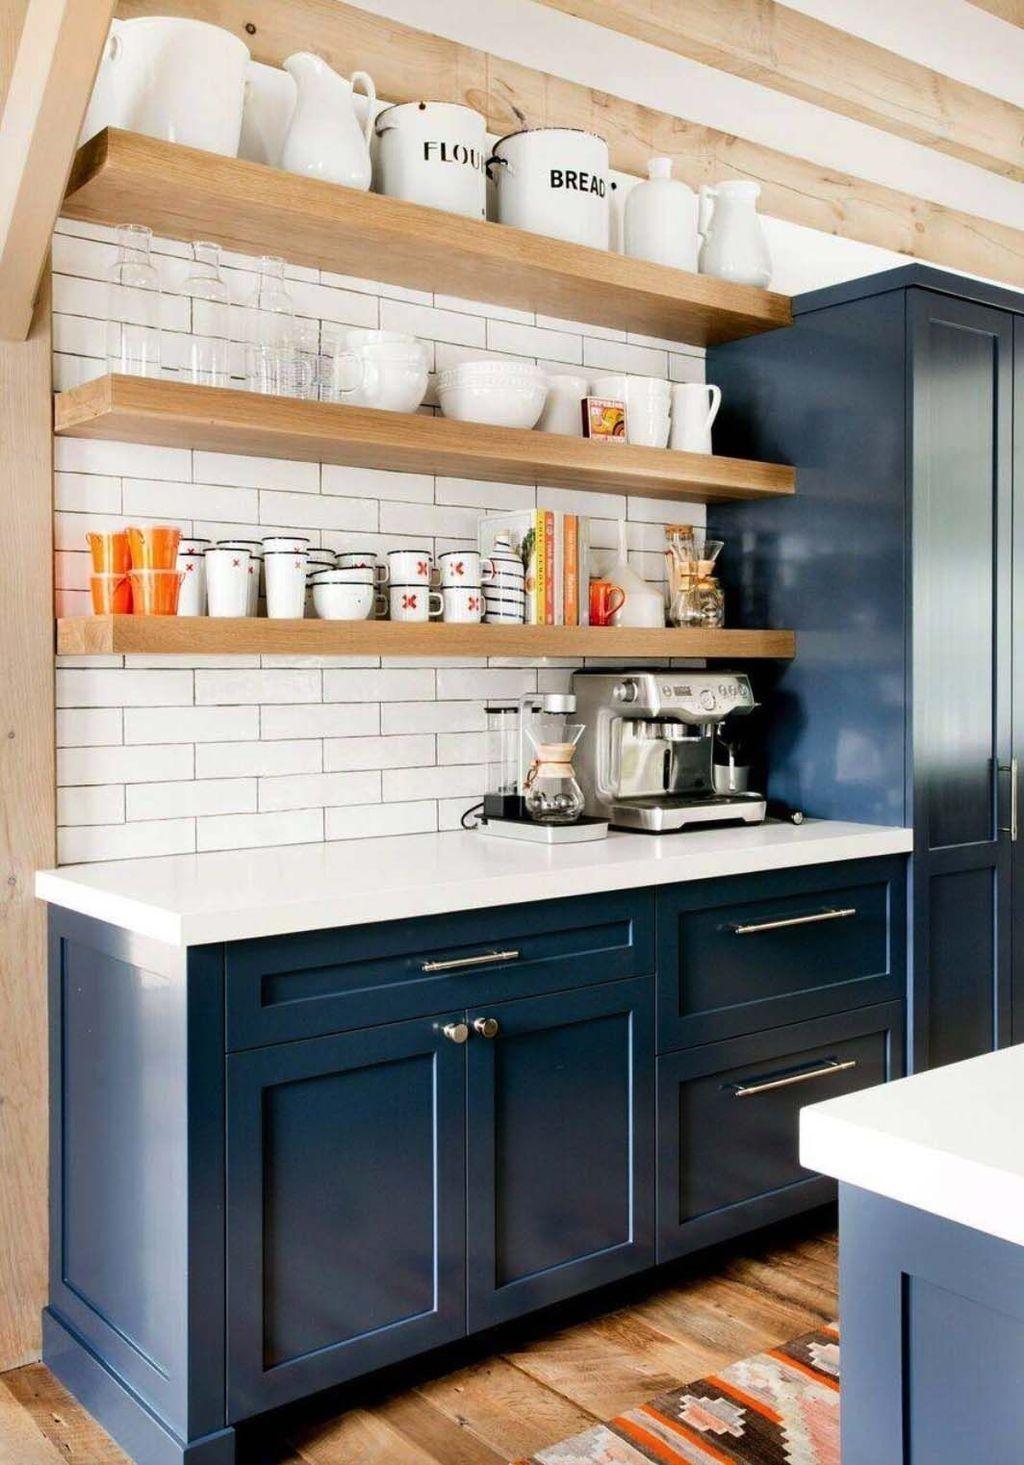 Awesome Retro Kitchen Design Ideas 13